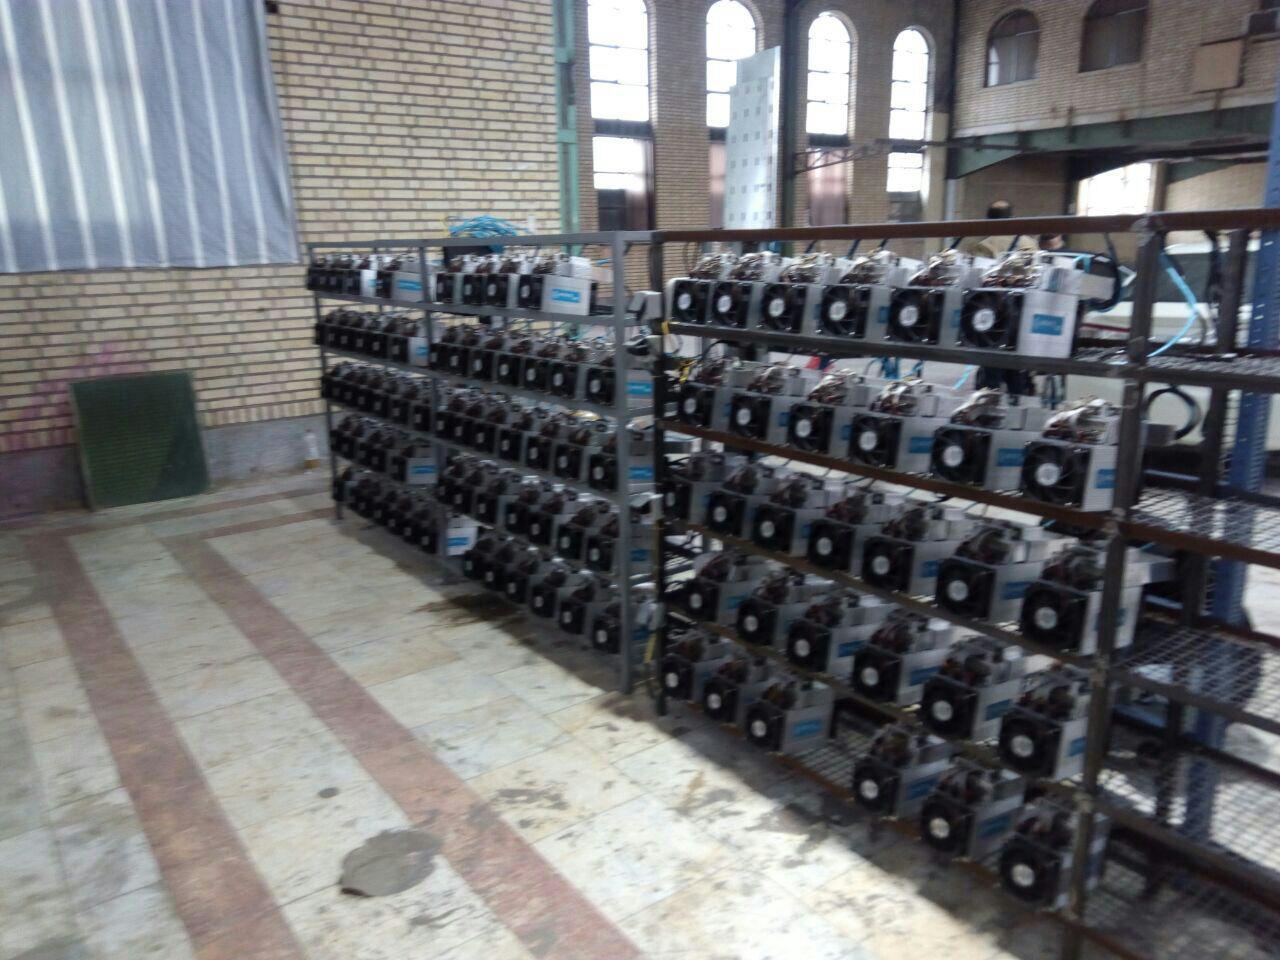 Dispositivi per il mining nelle moschee iraniane